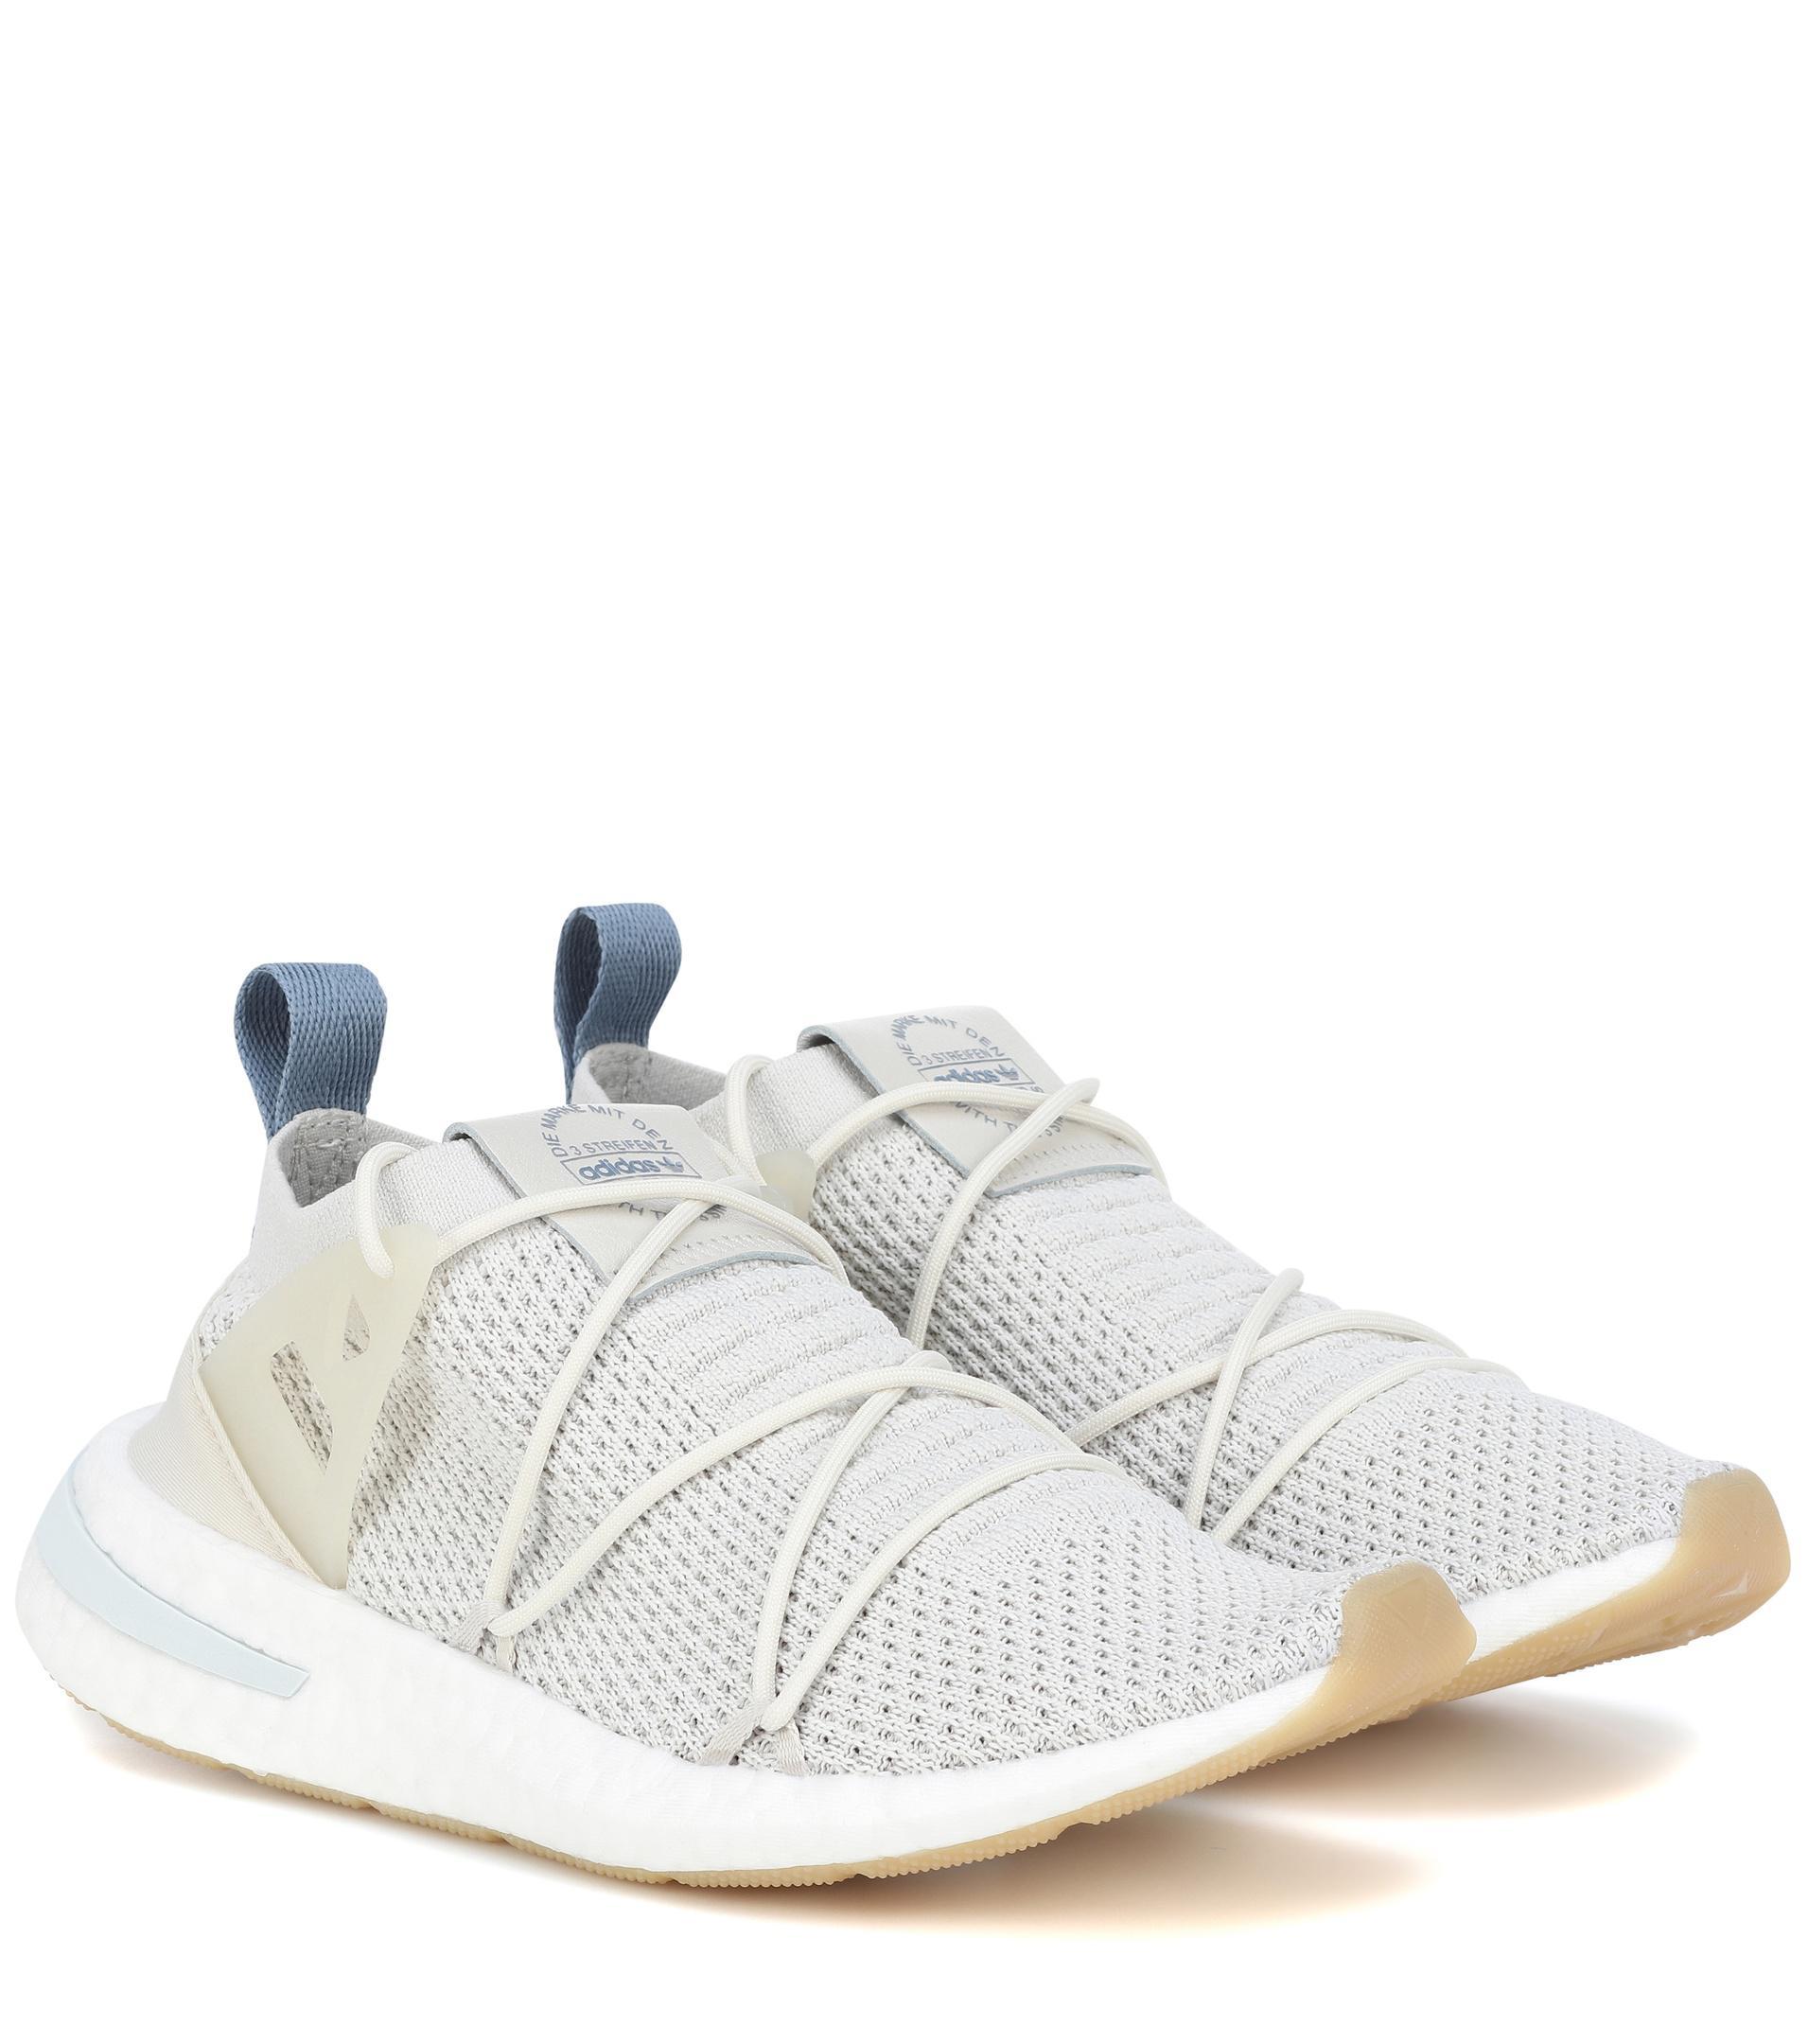 lyst adidas originali arkyn primeknit scarpe in grigio.